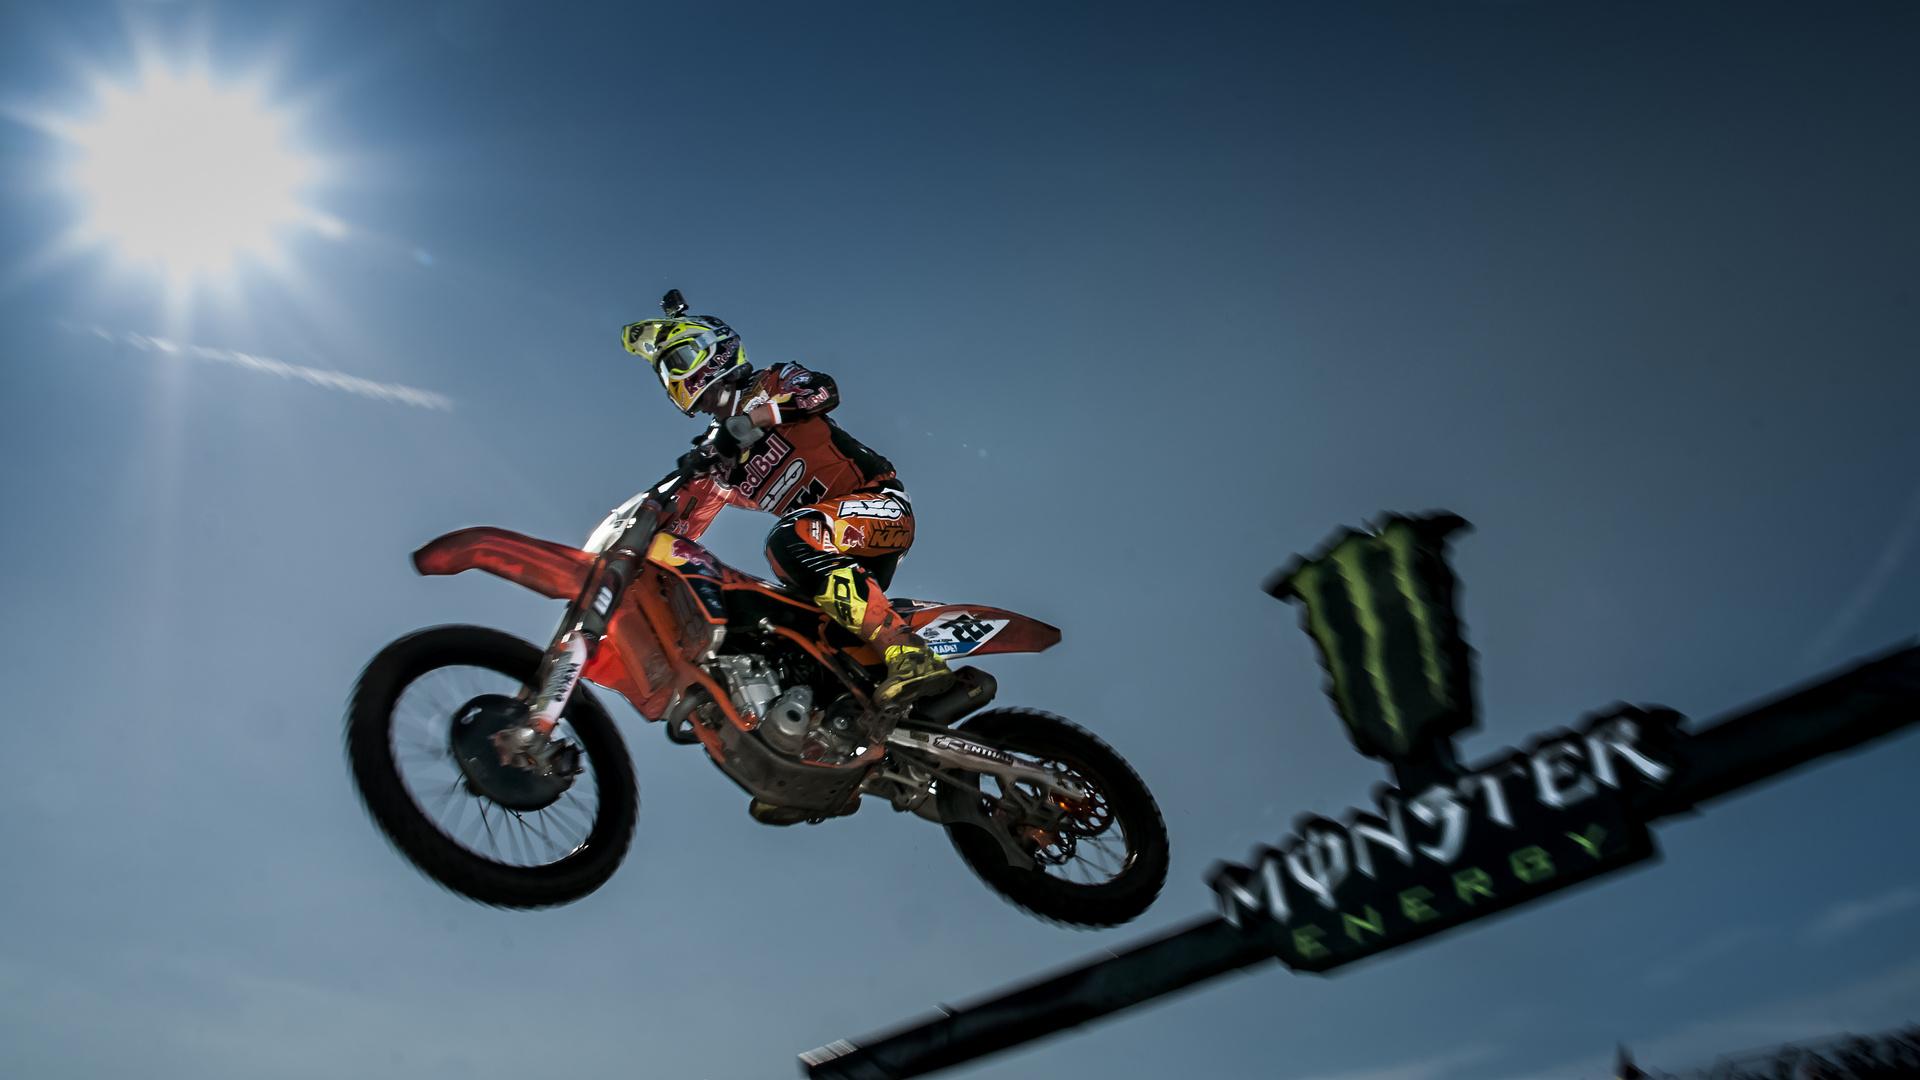 FIM Motocross WM // Lausitzring 2013